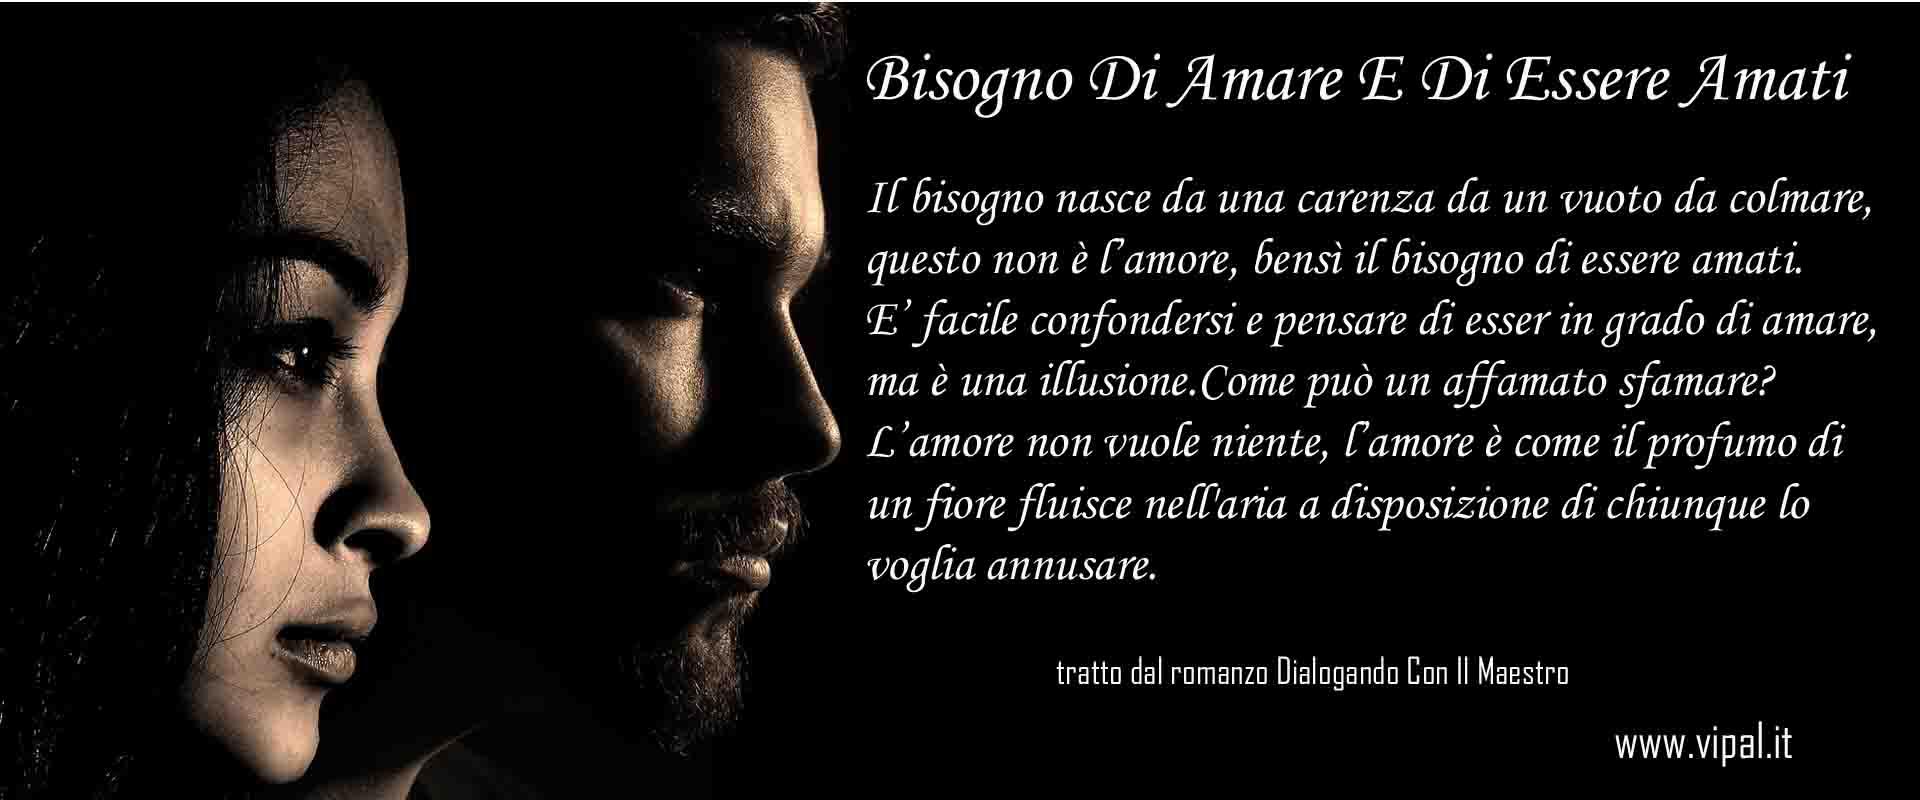 Articolo bisogno di amare ed essere amati di Vipal Antonio Gianfranco Gualdi